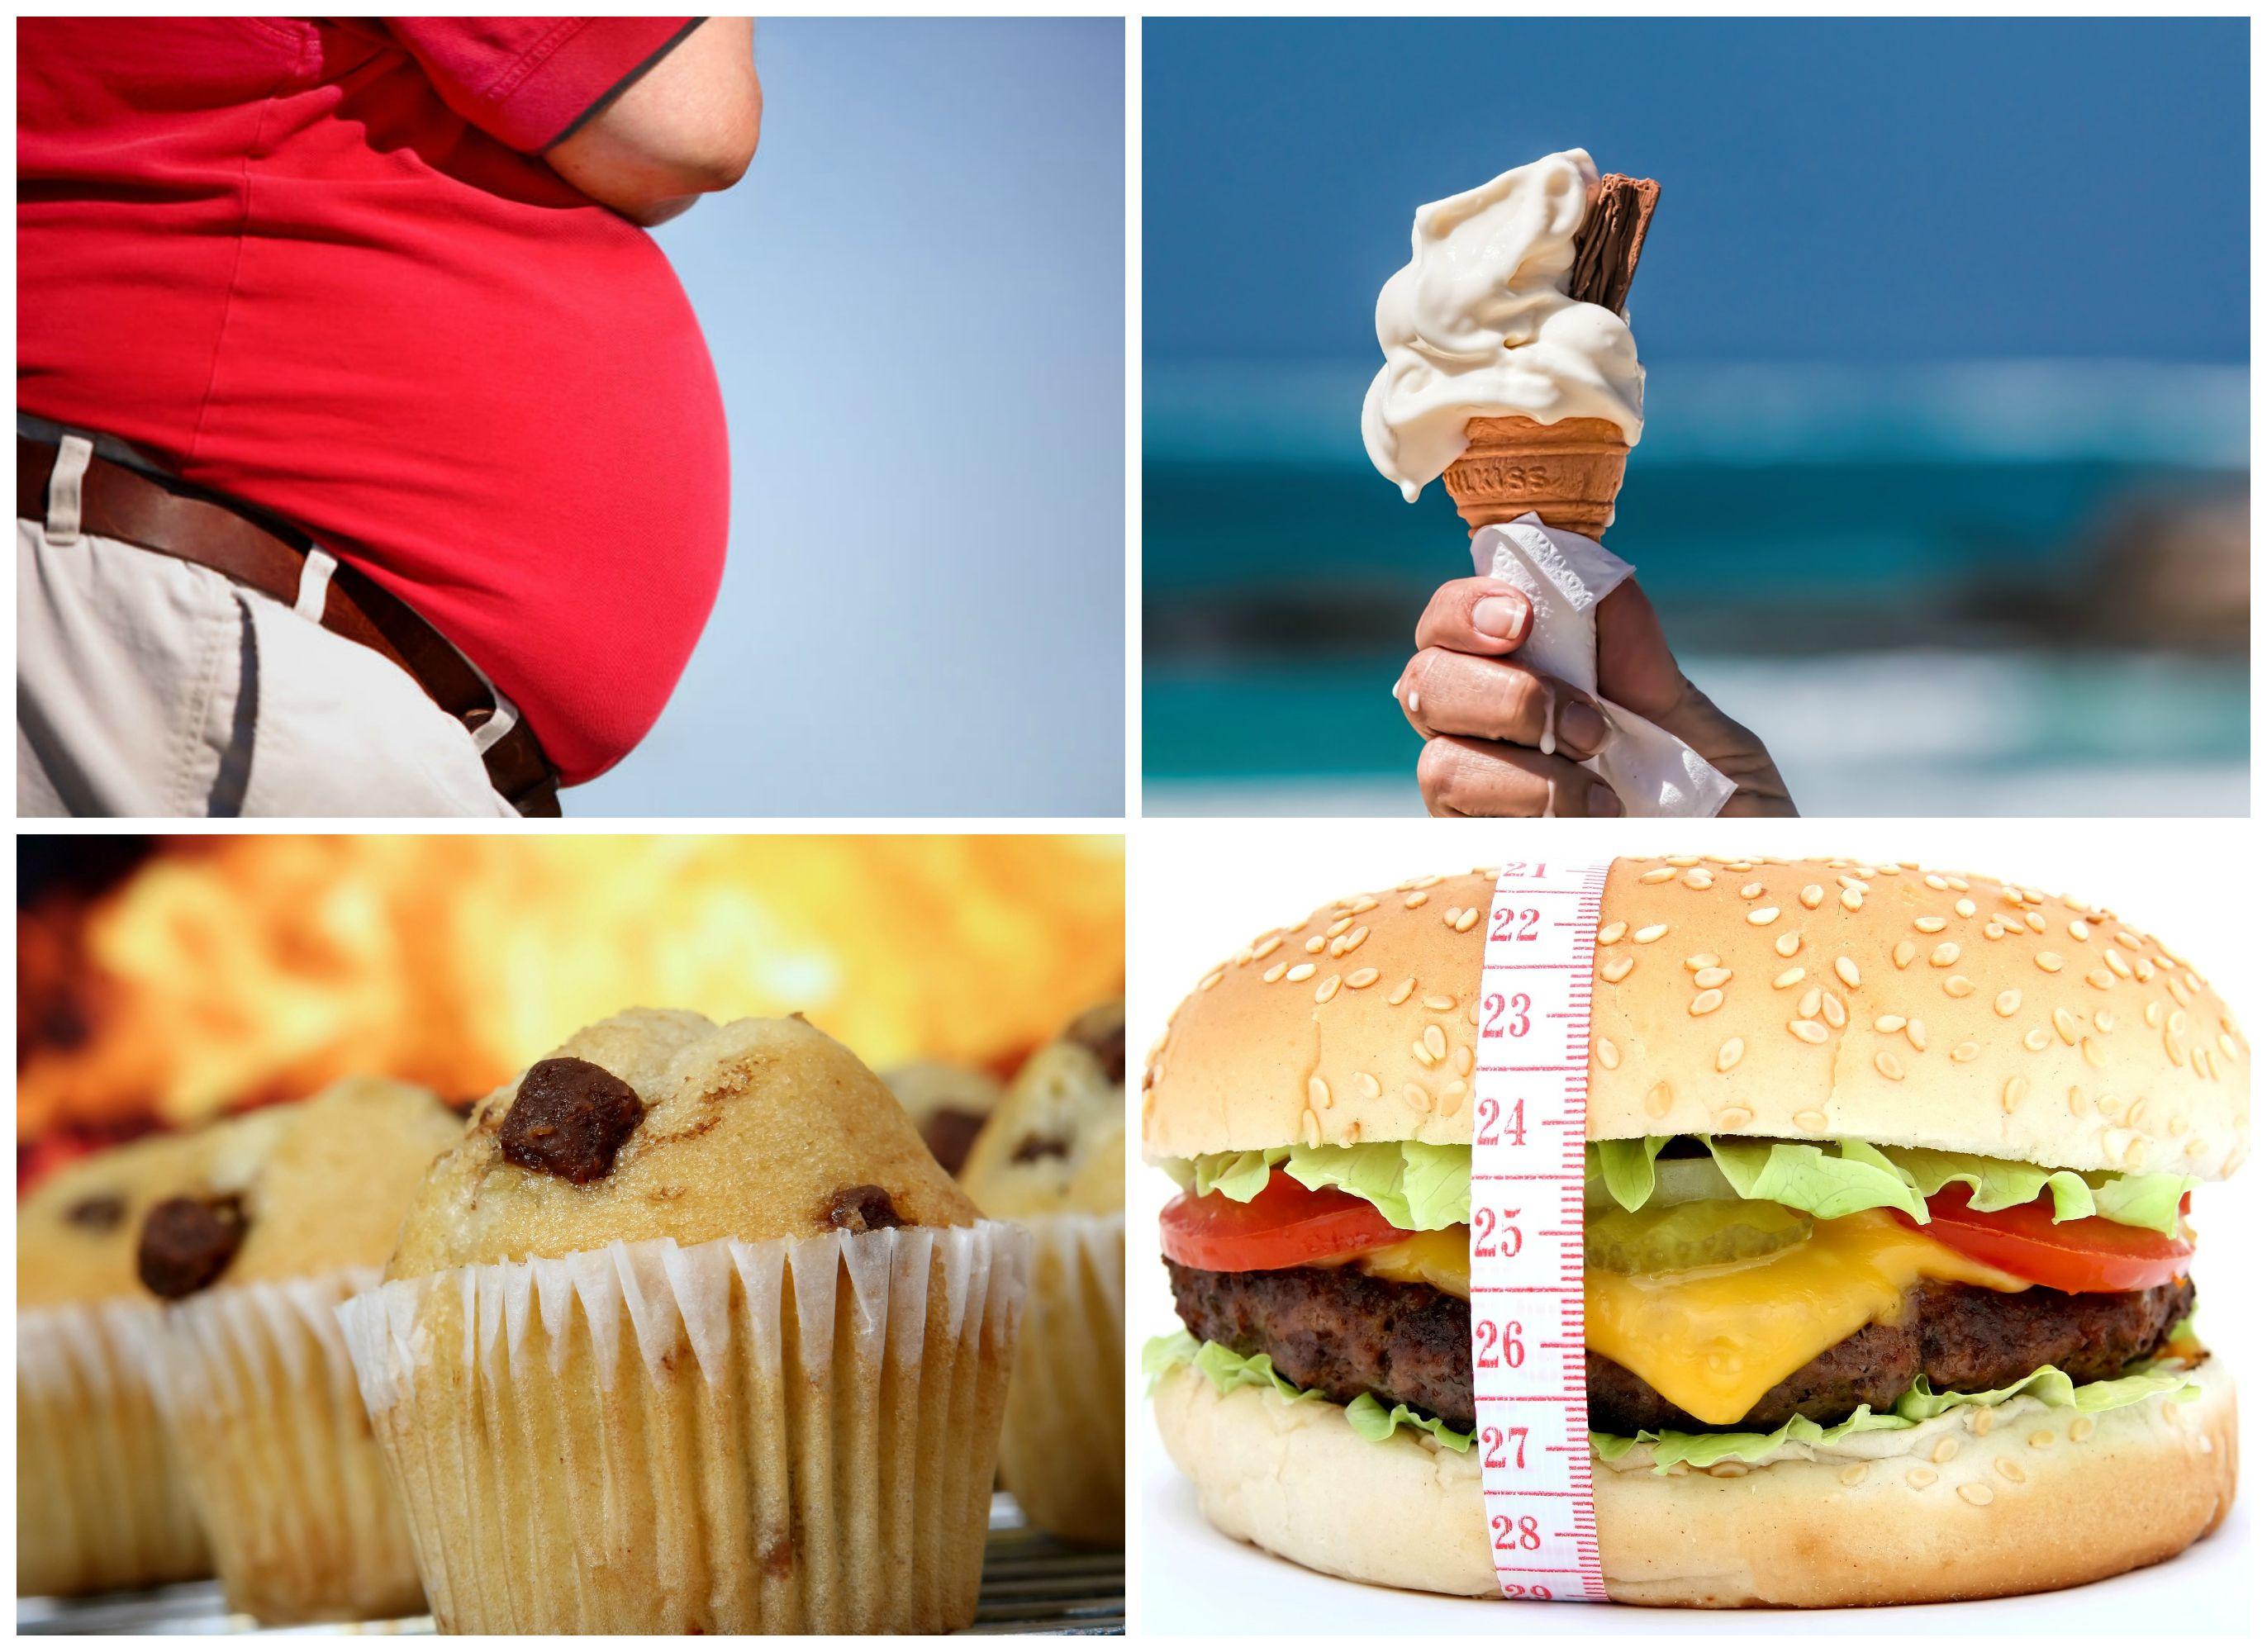 O perímetro da cintura é um dos melhores indicadores do estado de saúde e a gordura abdominal provoca mais danos do que qualquer outra gordura do corpo, uma vez que é metabolicamente ativa e está em contacto com órgãos vitais como o fígado, estômago e intestino. Contém ainda grandes quantidades de colesterol e triglicéridos. Conheça 8 factos que desconhecia sobre a gordura abdominal. Os conselhos são dos especialistas em nutrição do Pronokal.